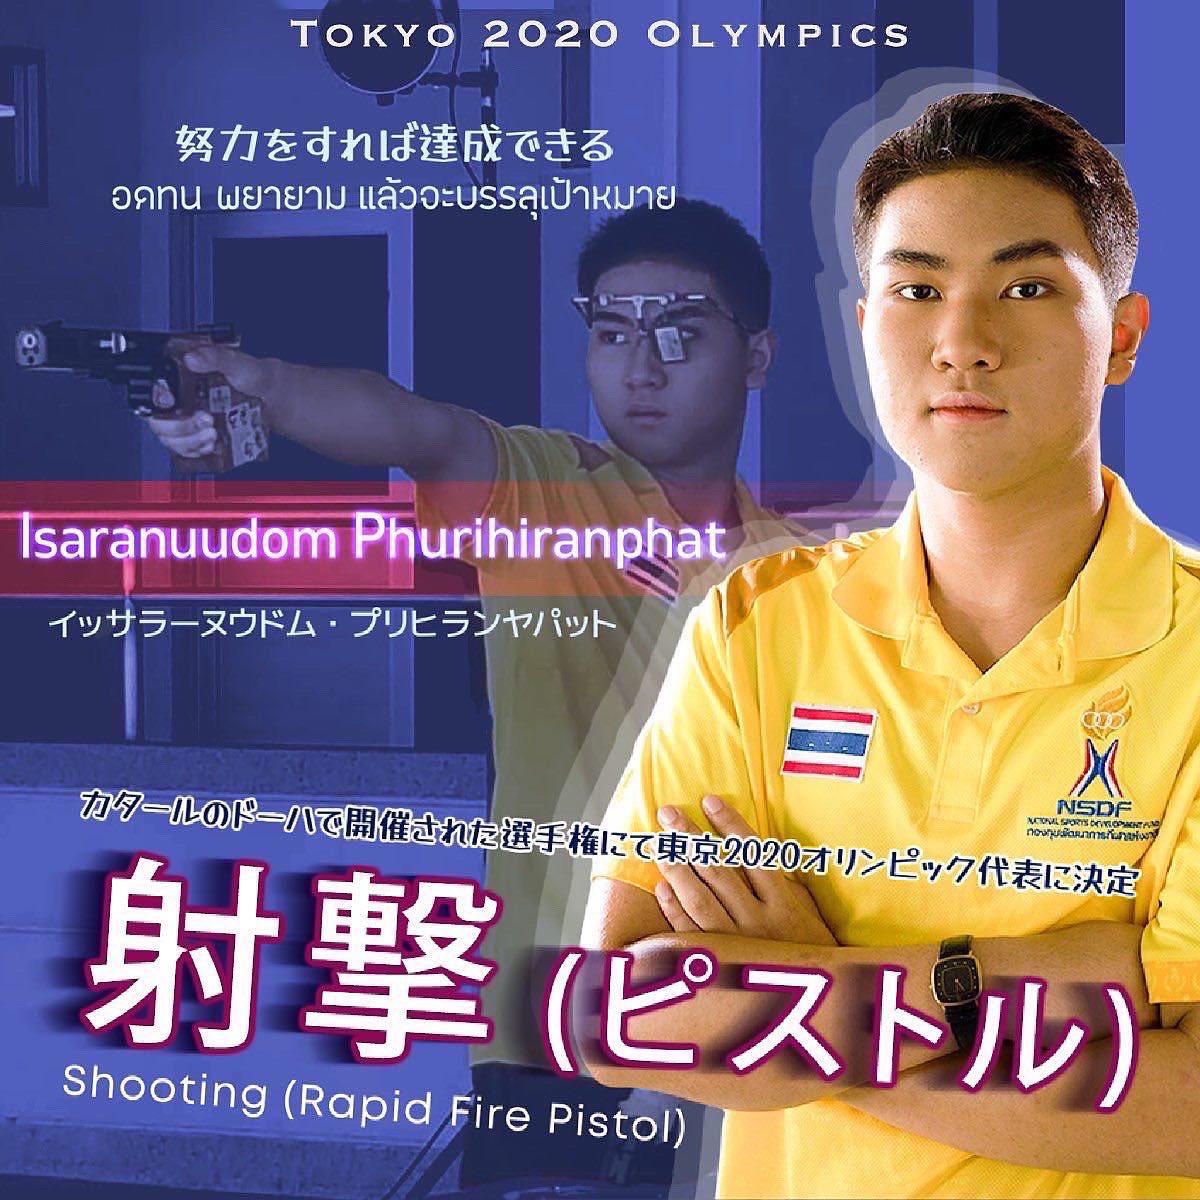 イッサラーヌウドム・プリヒランヤパット(キャプテン)選手[男子射撃タイ代表]東京2020オリンピック